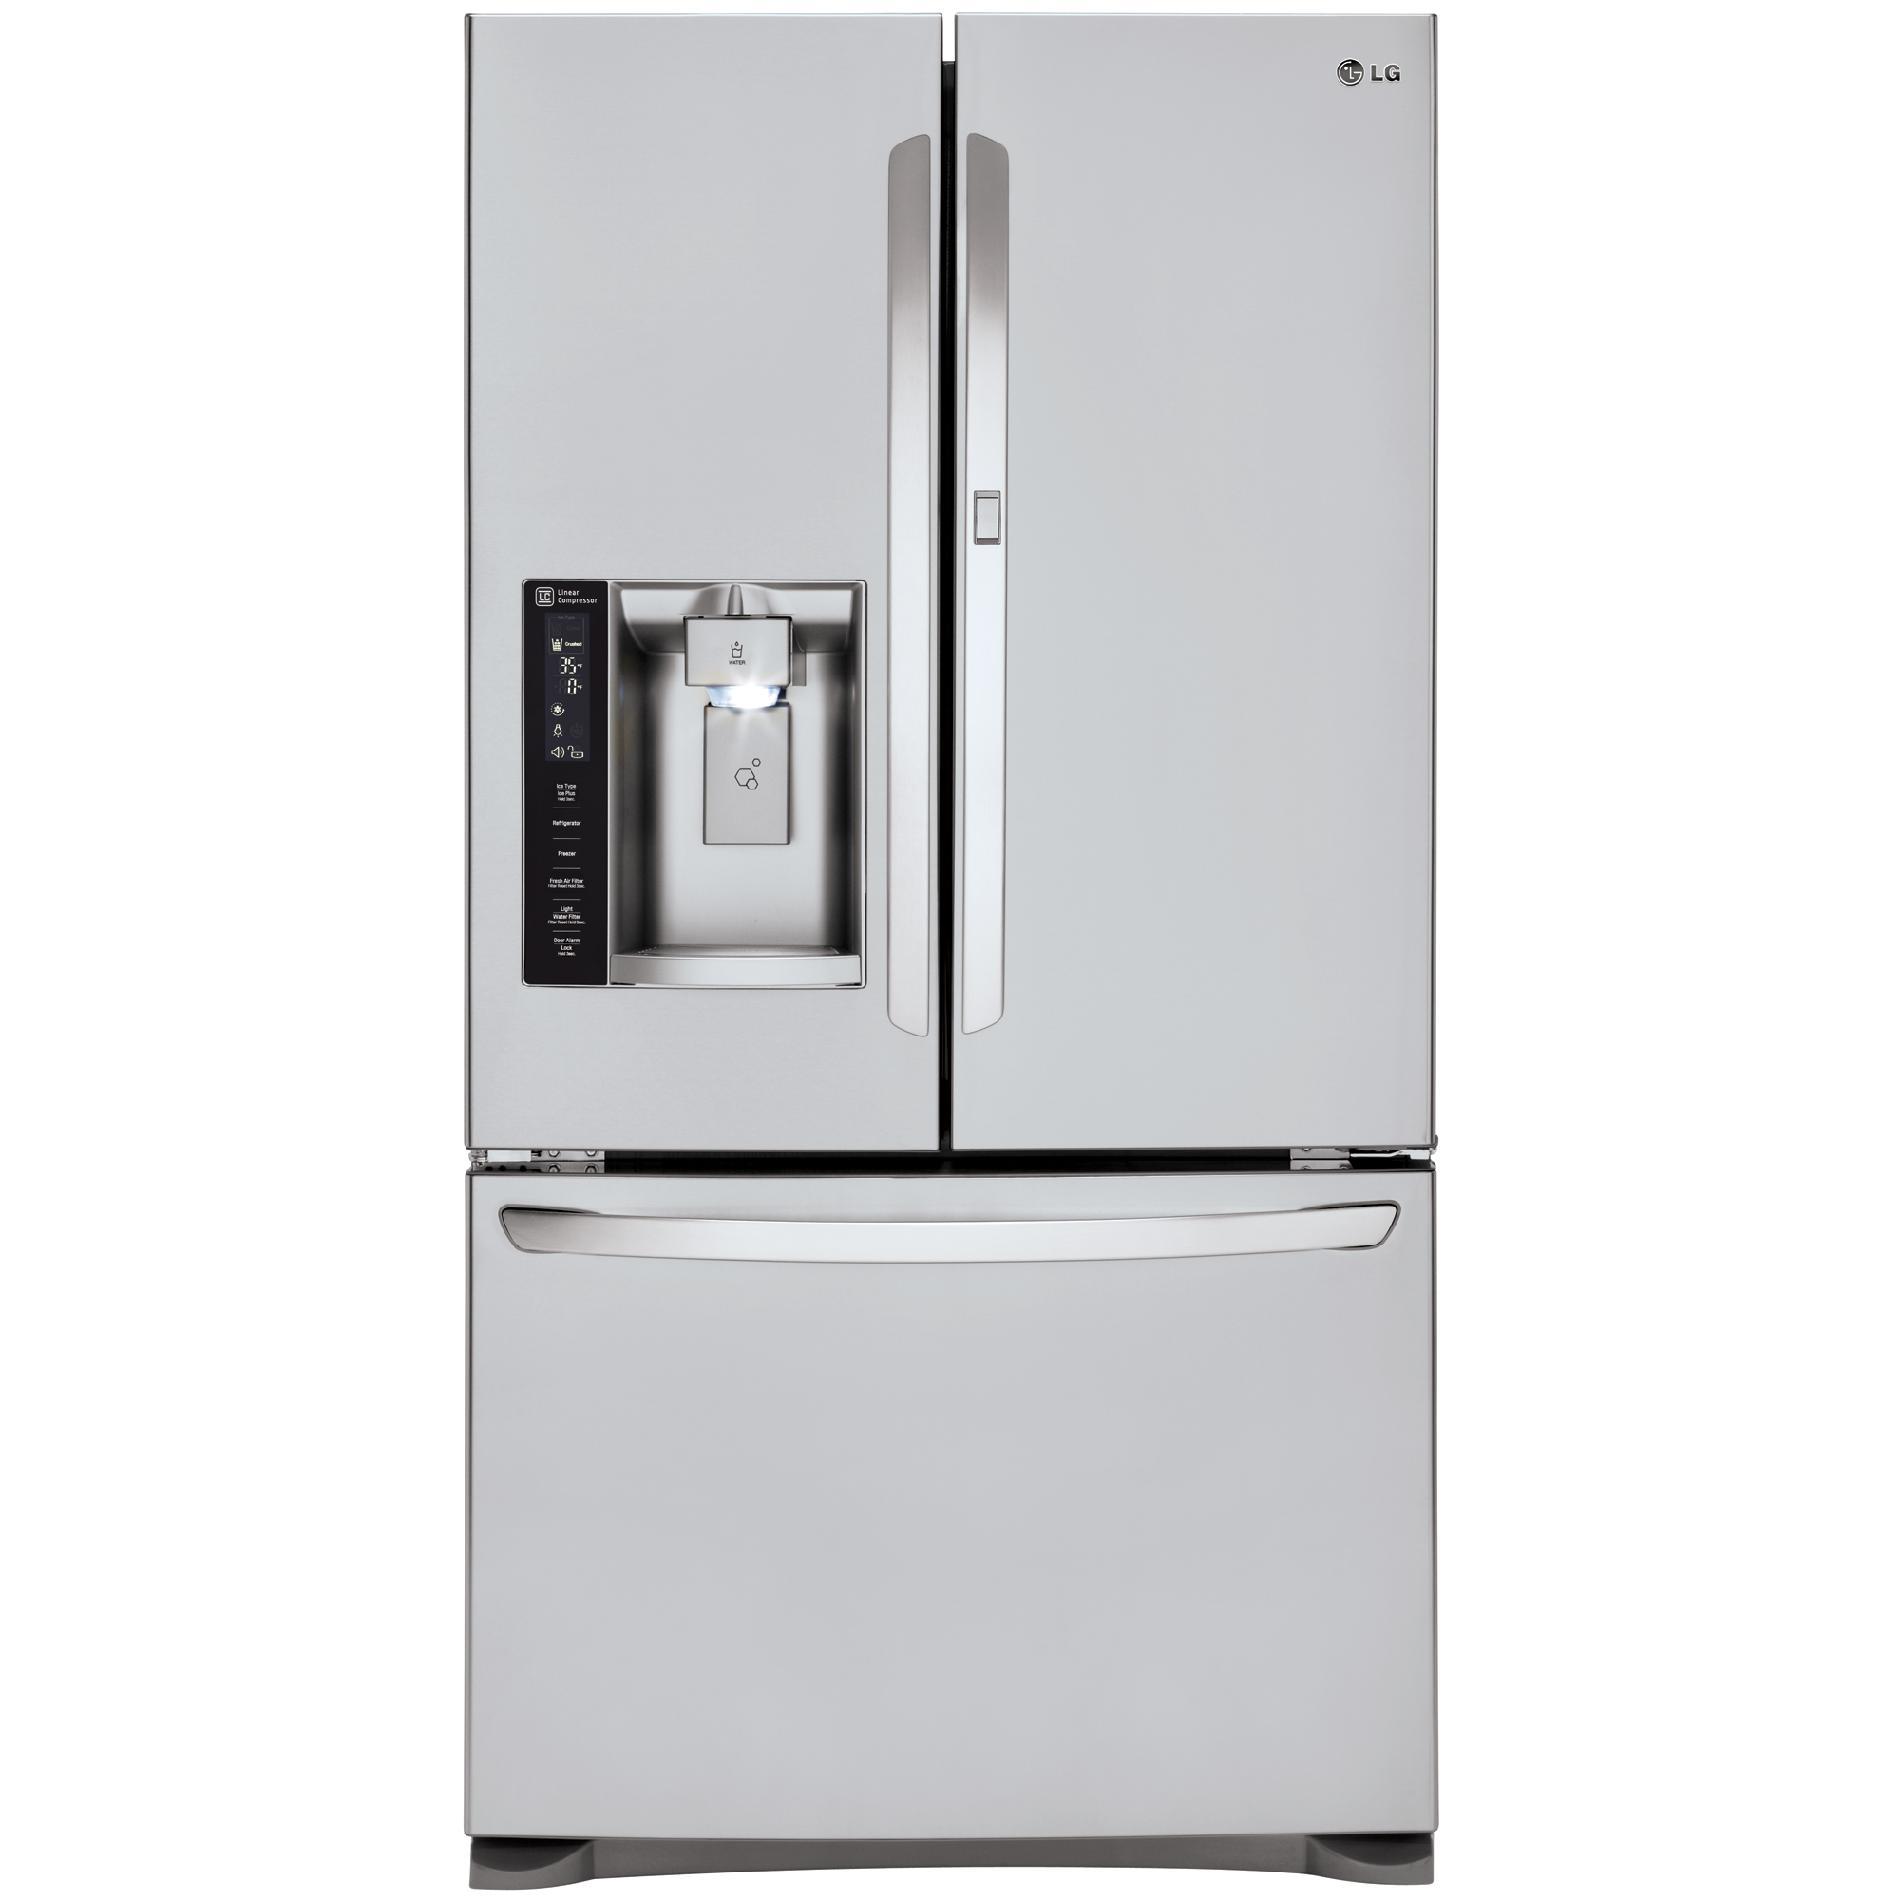 LG LFXS27566S 26.6 cu.ft. Ultra-Capacity French Door Refrigerator w/Door-in-Door™